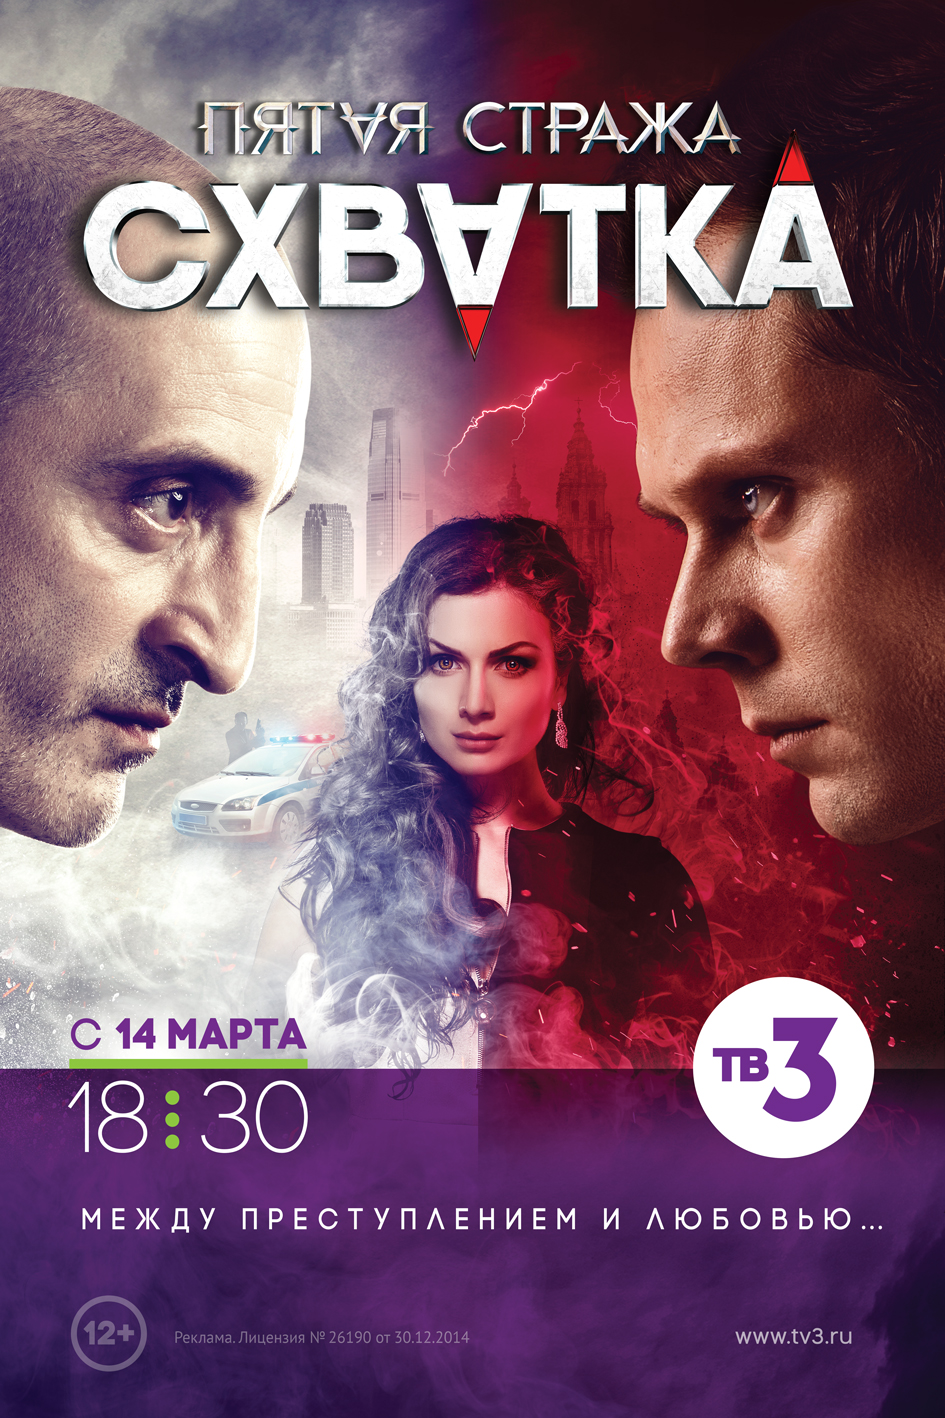 Пятая стража. Схватка 3 сезон смотреть онлайн (сериал 2016)